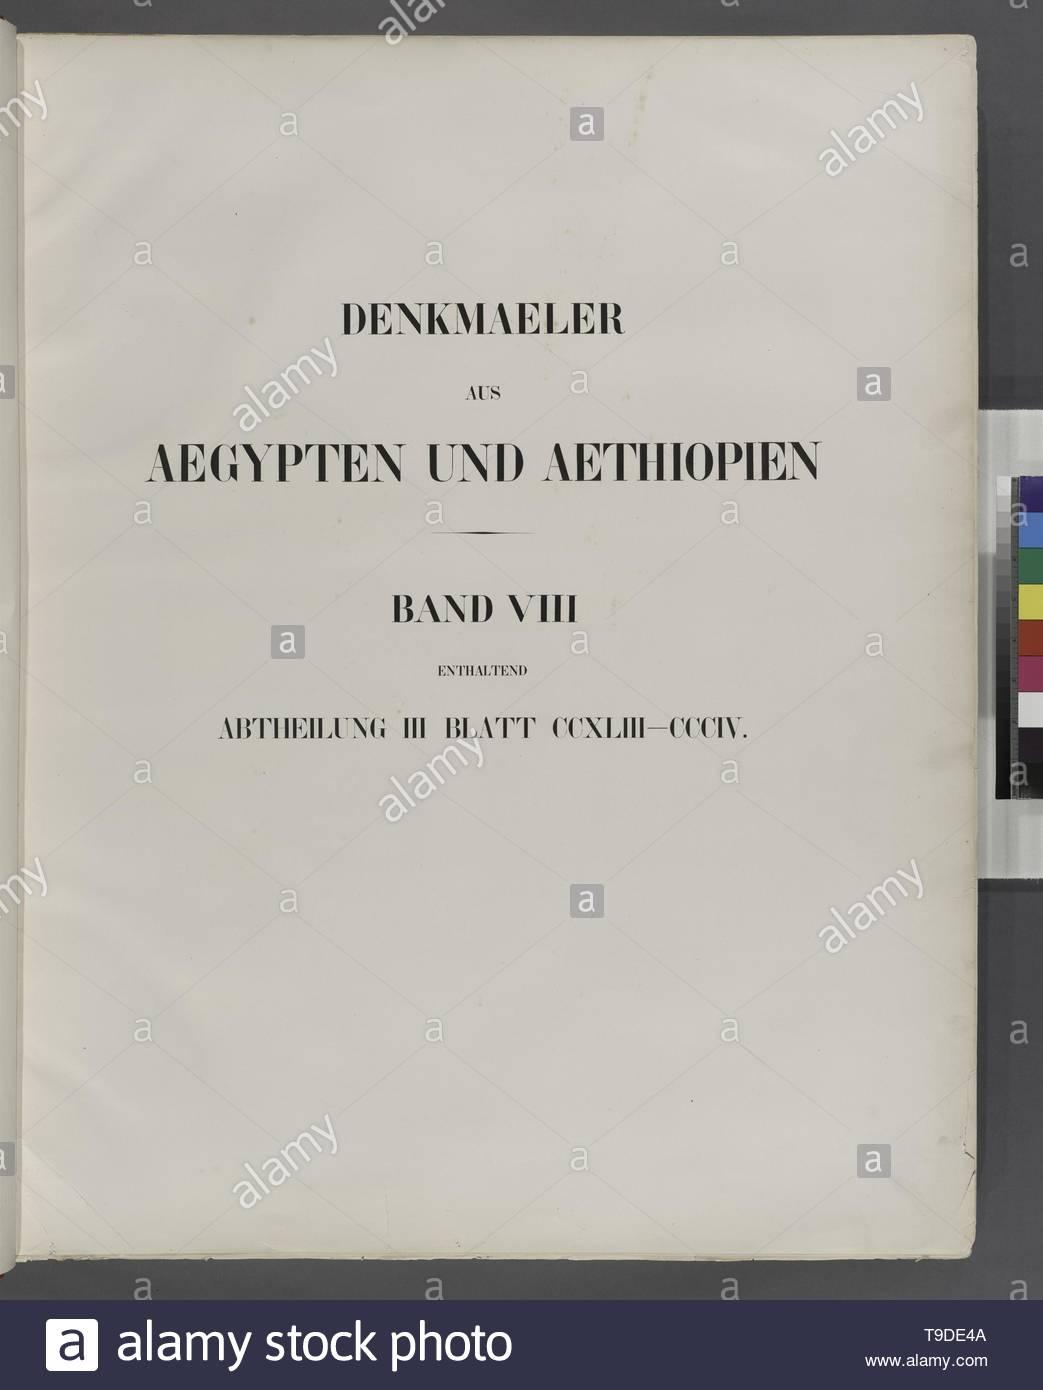 Lepsius,Richard,1810-1884-Title page] Denkmaeler aus Aegypten und Aethiopien  Band VIII enthaltend Abtheilung III, Blatt CCXLIII-CCCIV [243-304] - Stock Image